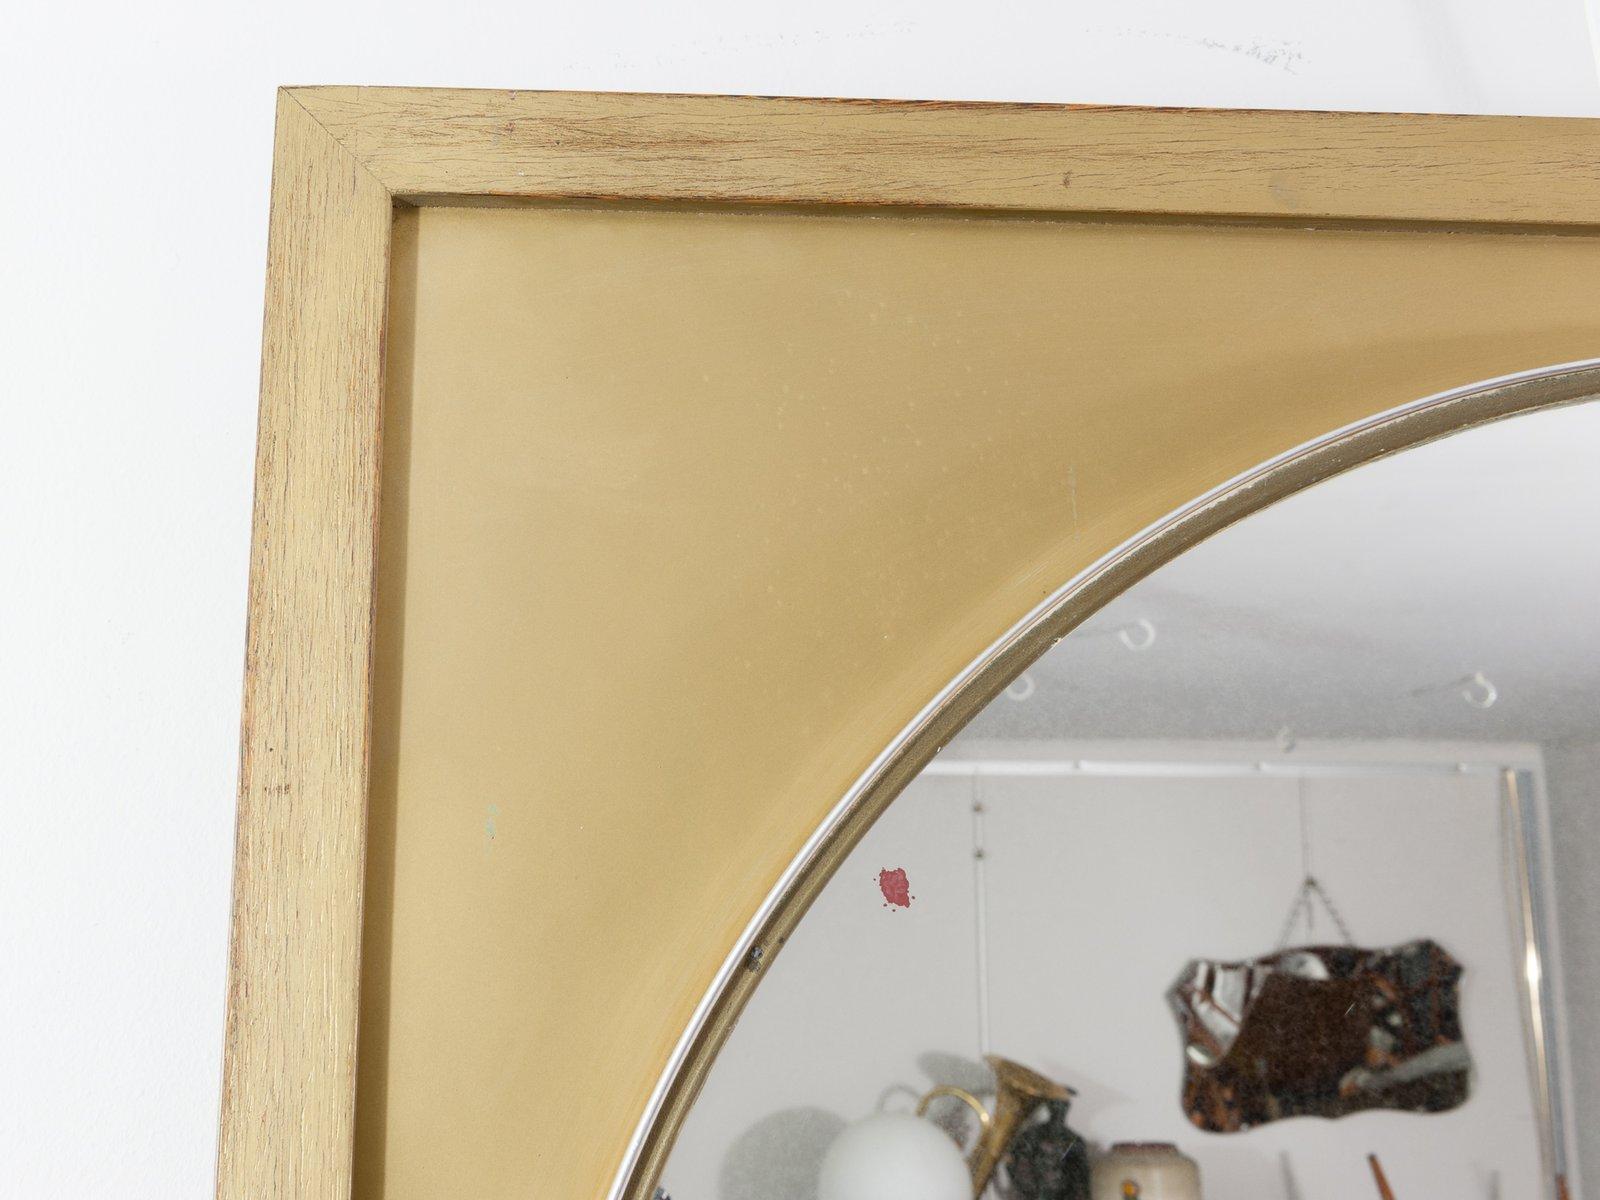 Runder Spiegel Mit Holzrahmen - trzykonie.top